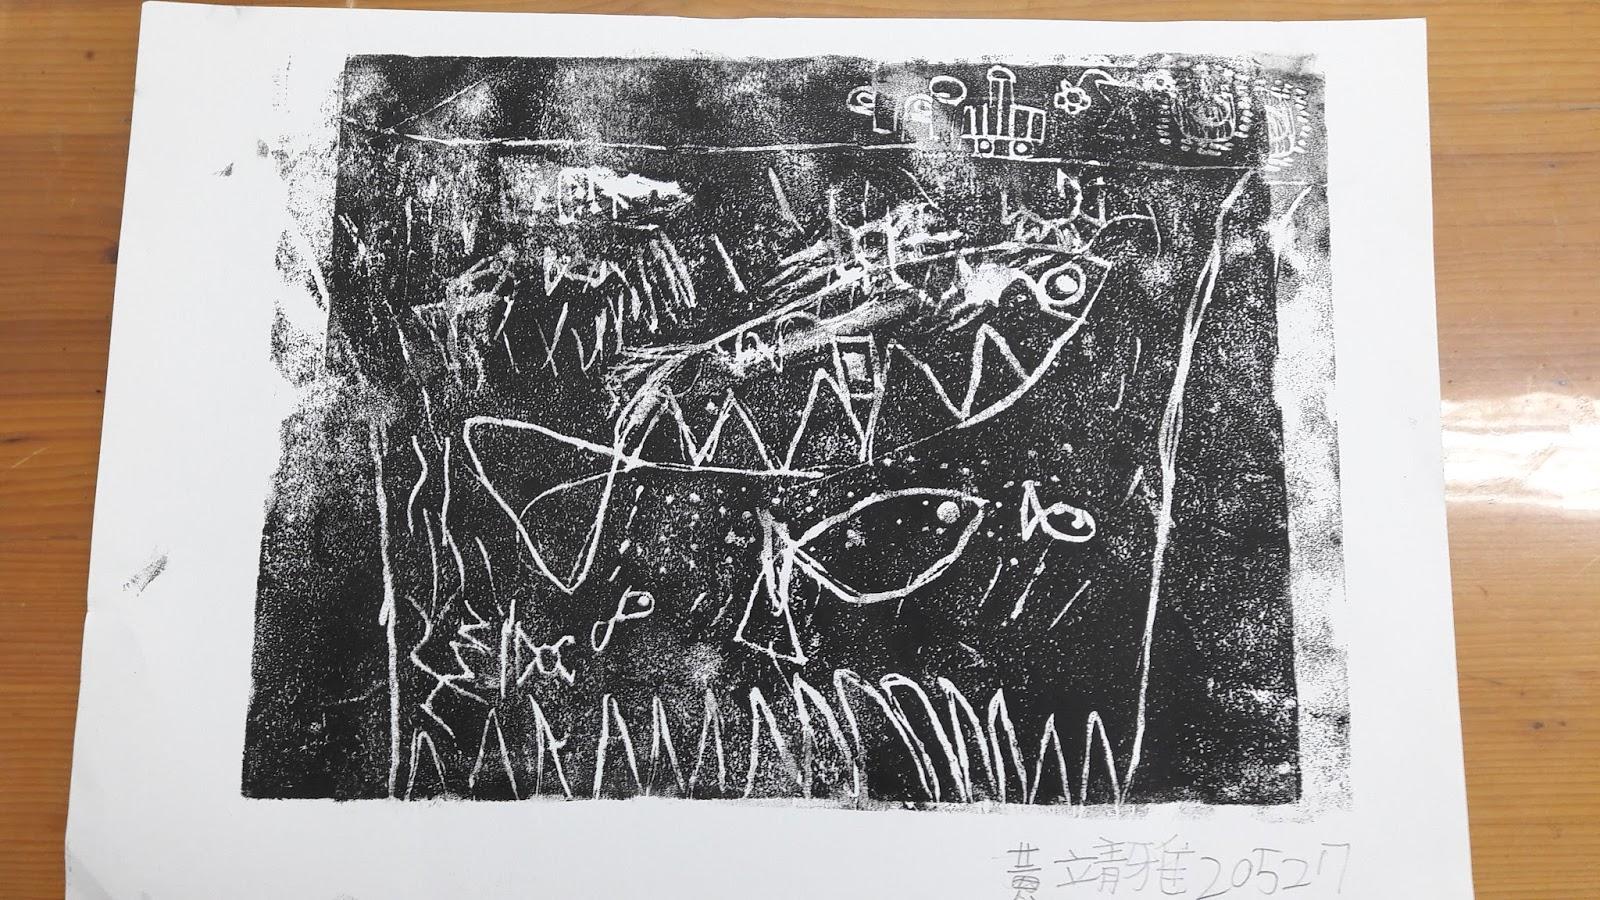 教學紀錄-美勞教學及作品: 珍珠板版畫二年級